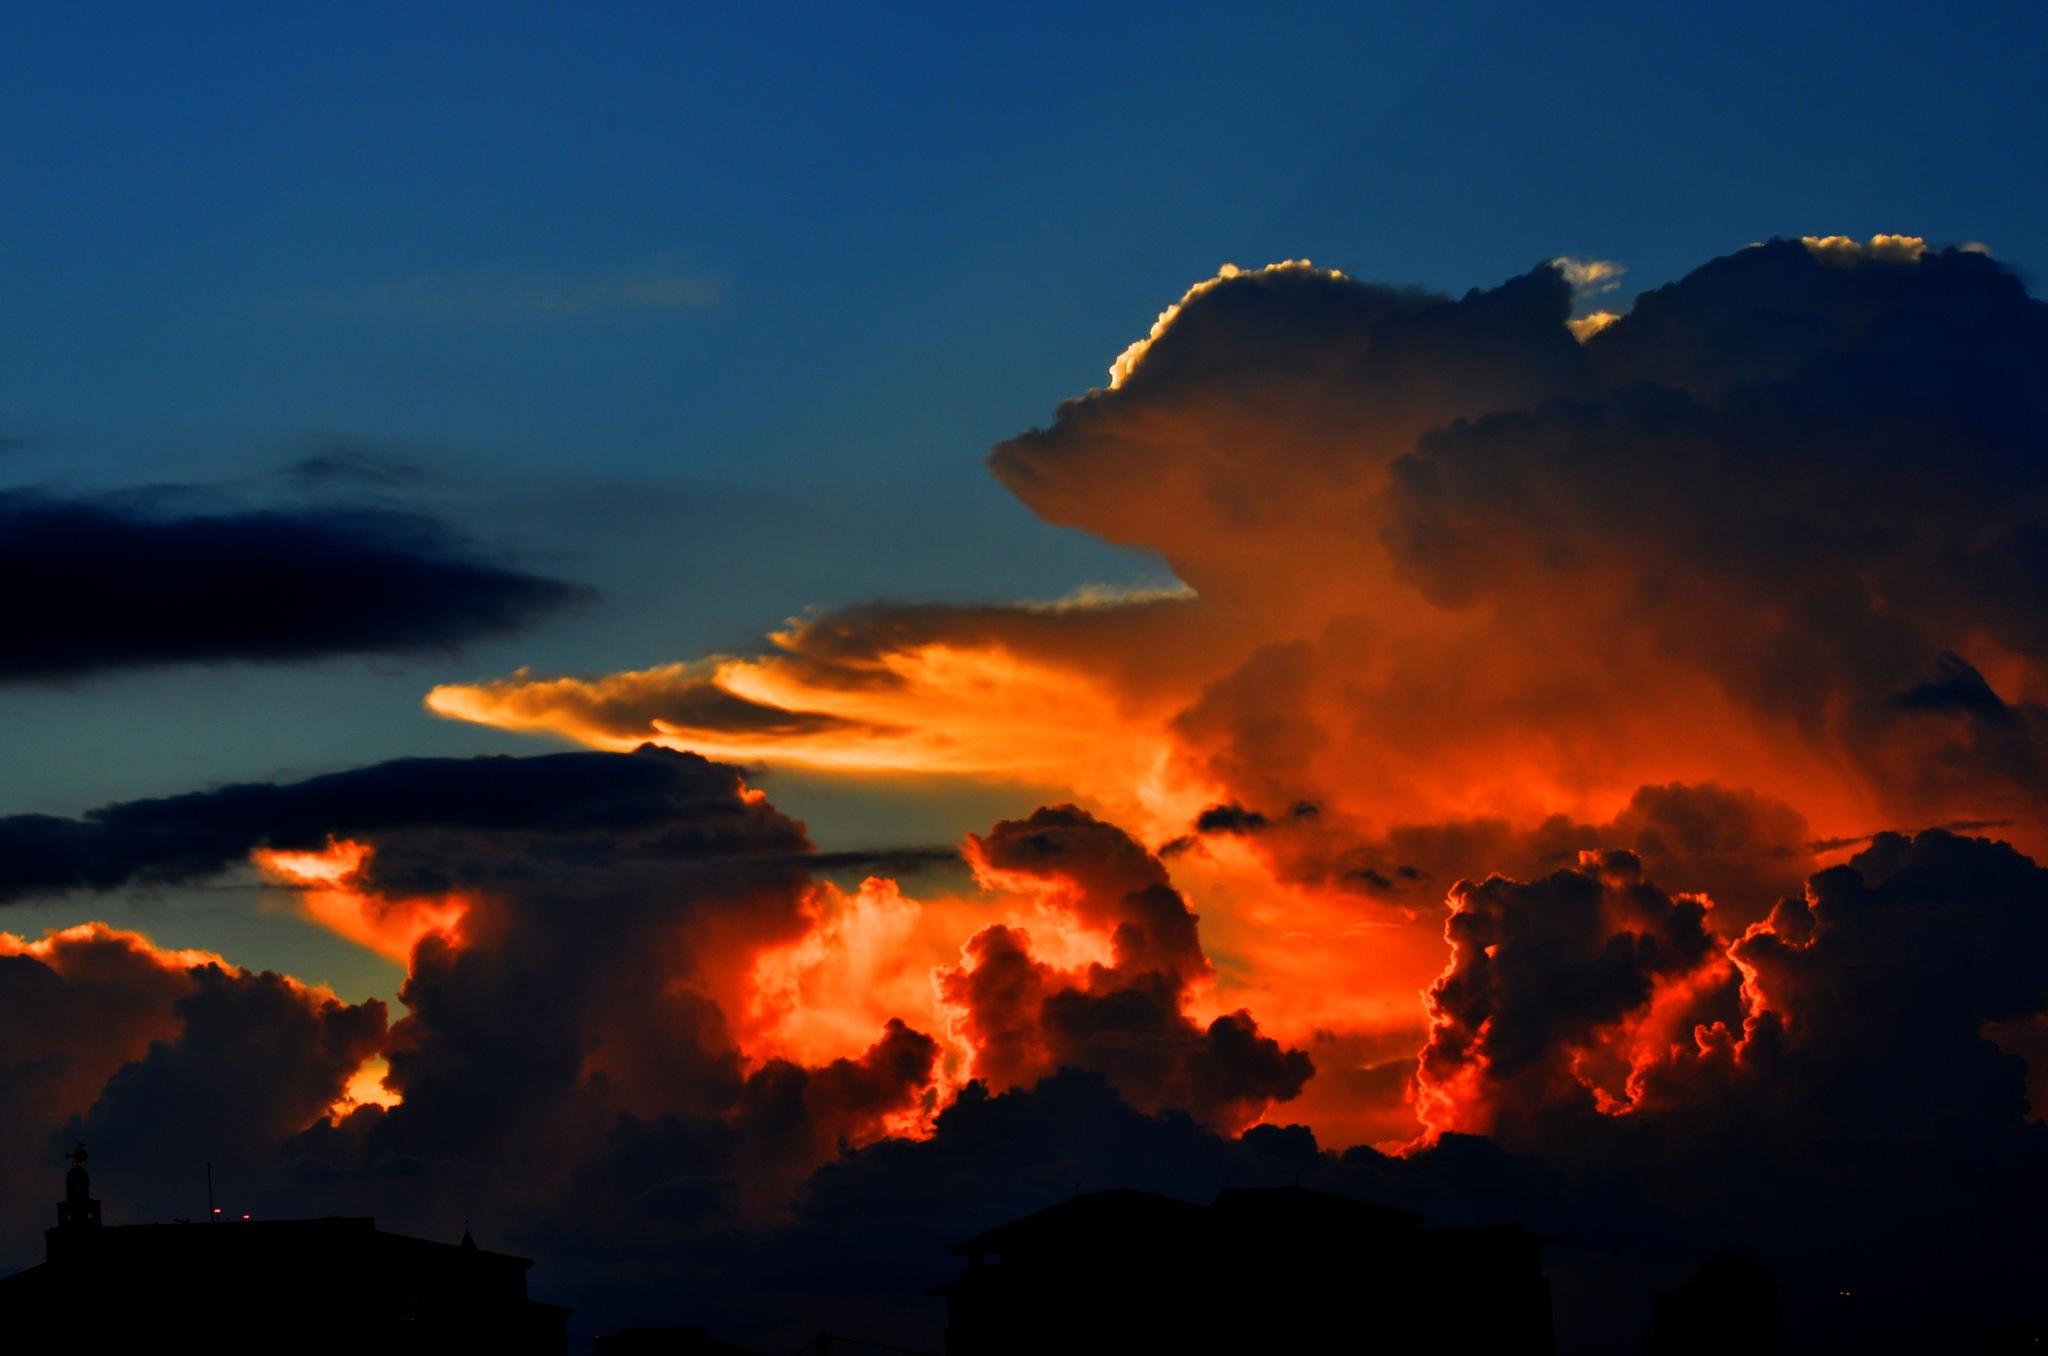 Summer Sunset by Pablo Cuesta